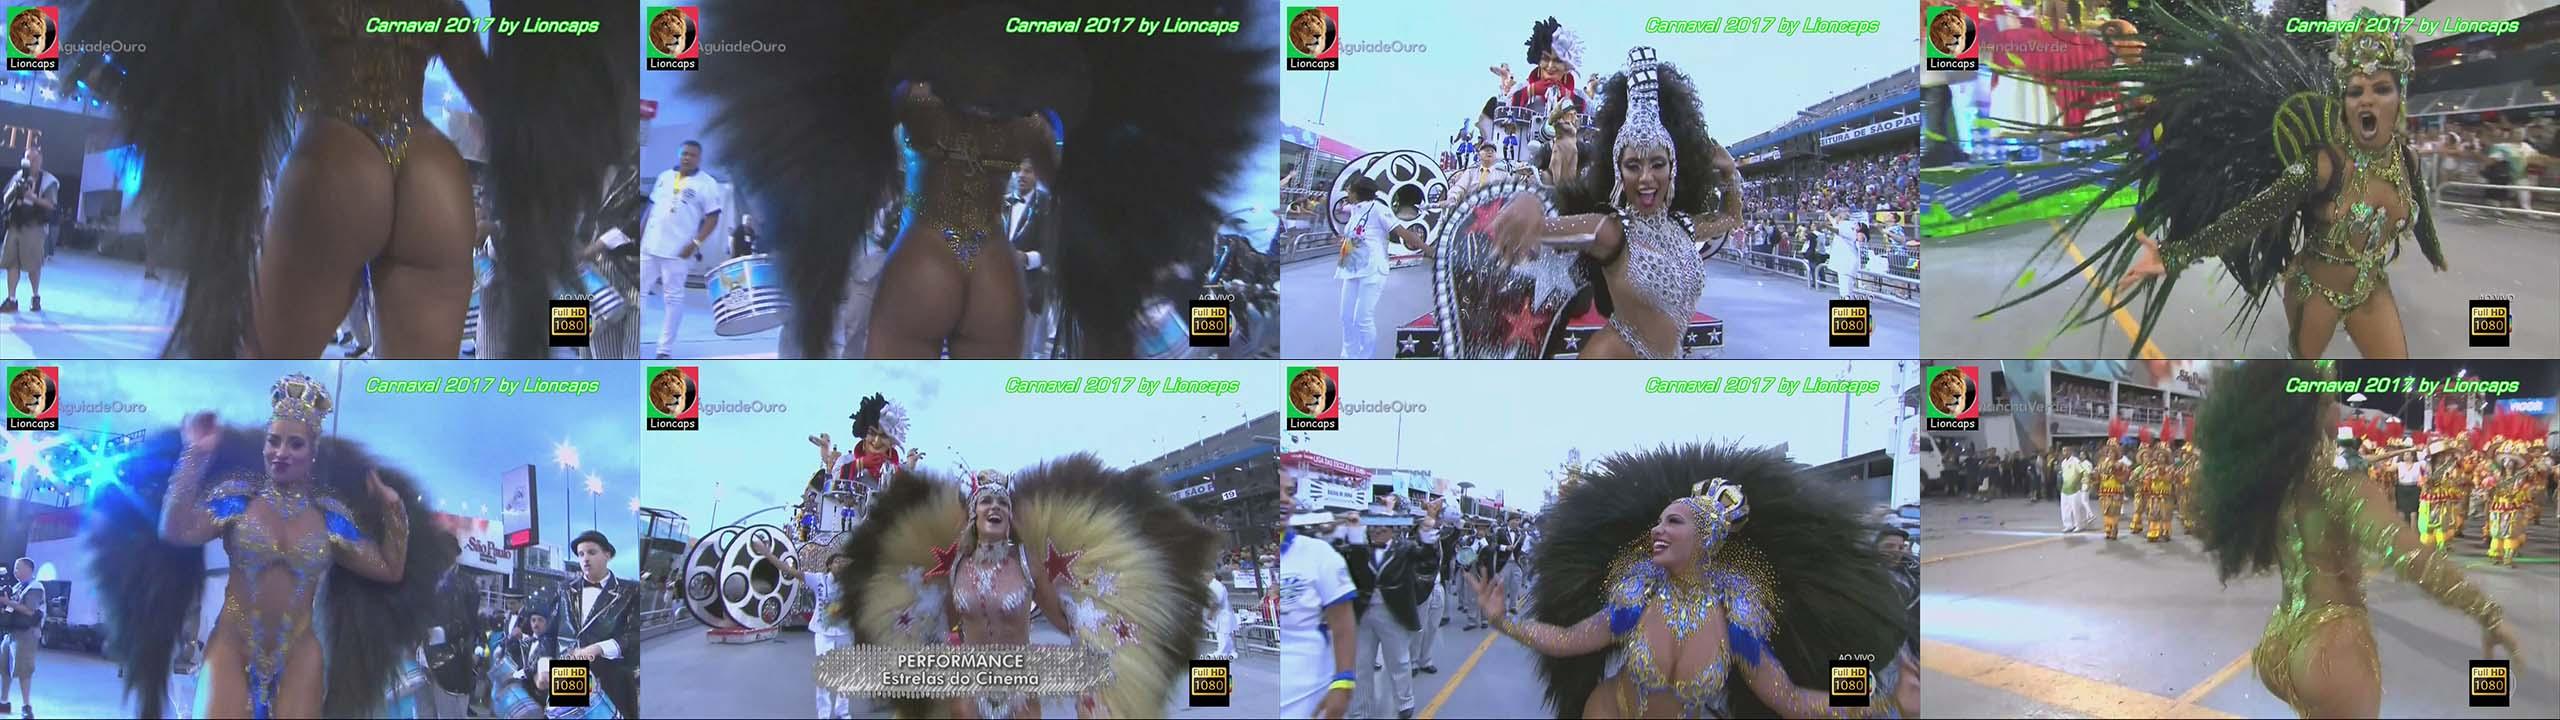 717936613_carnaval2017_1080_lioncaps_15_04_2017_11_122_400lo.jpg